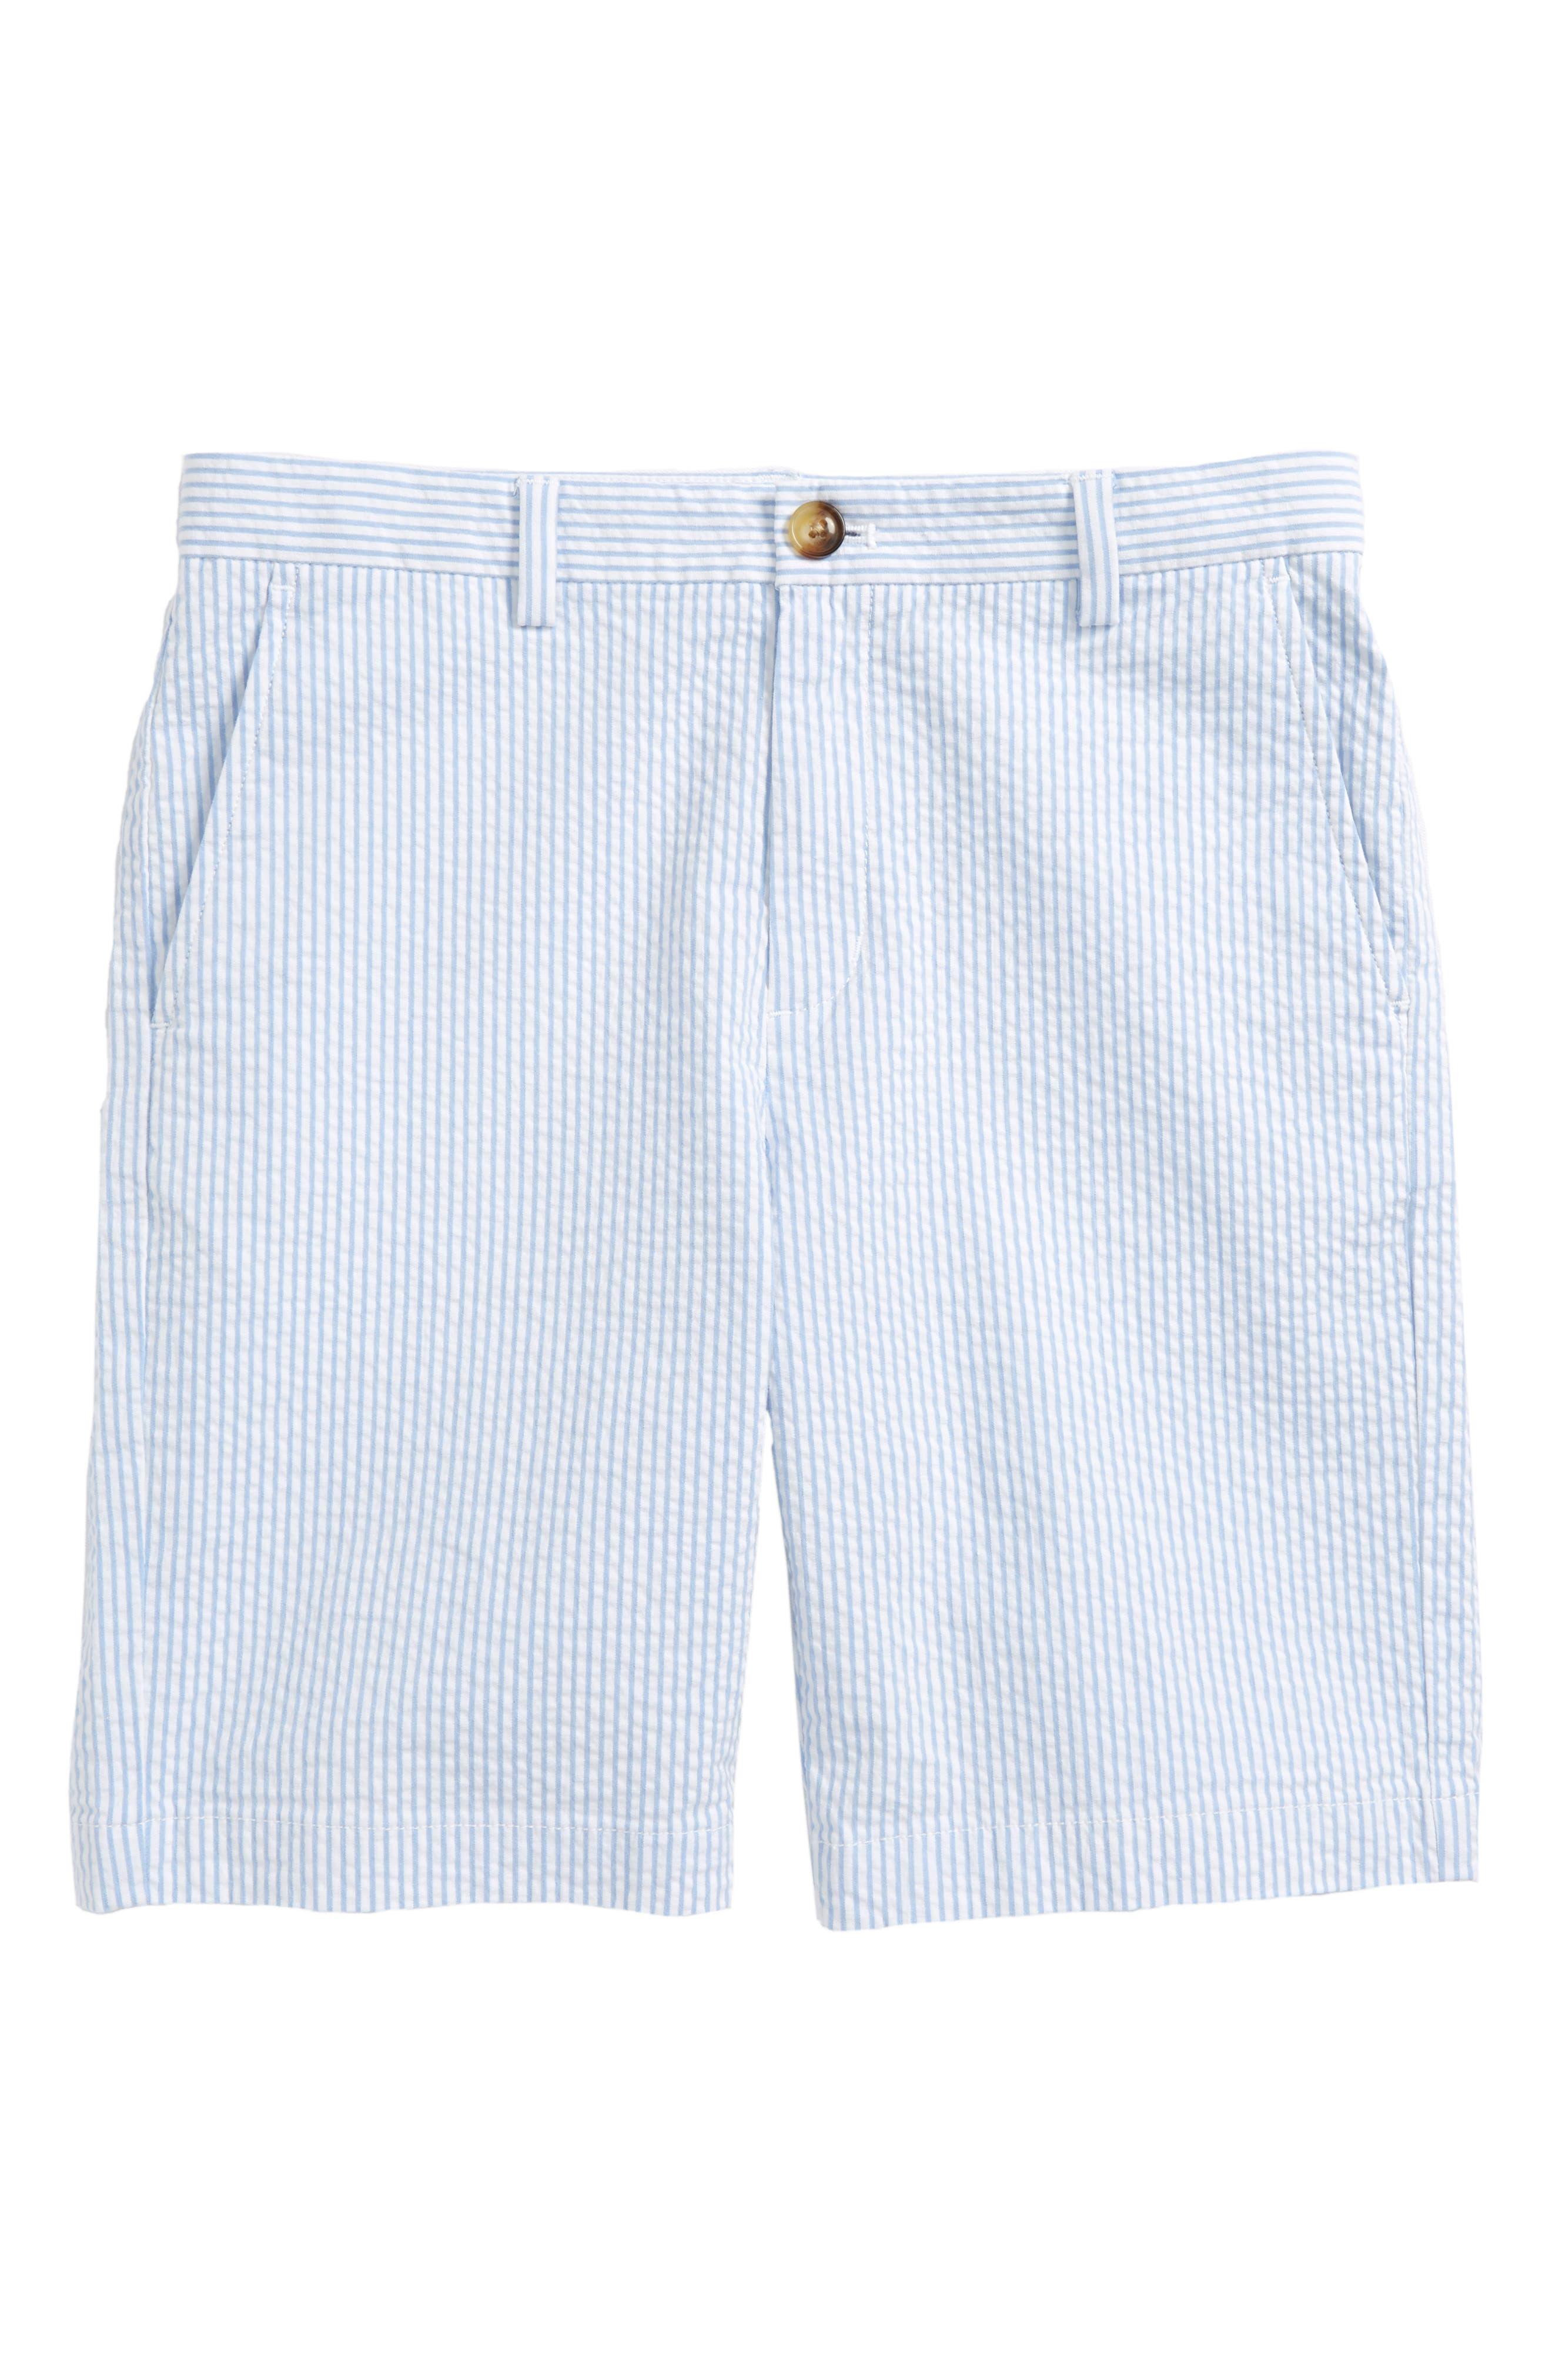 vineyard vines Seersucker Stripe Breaker Shorts (Big Boys)